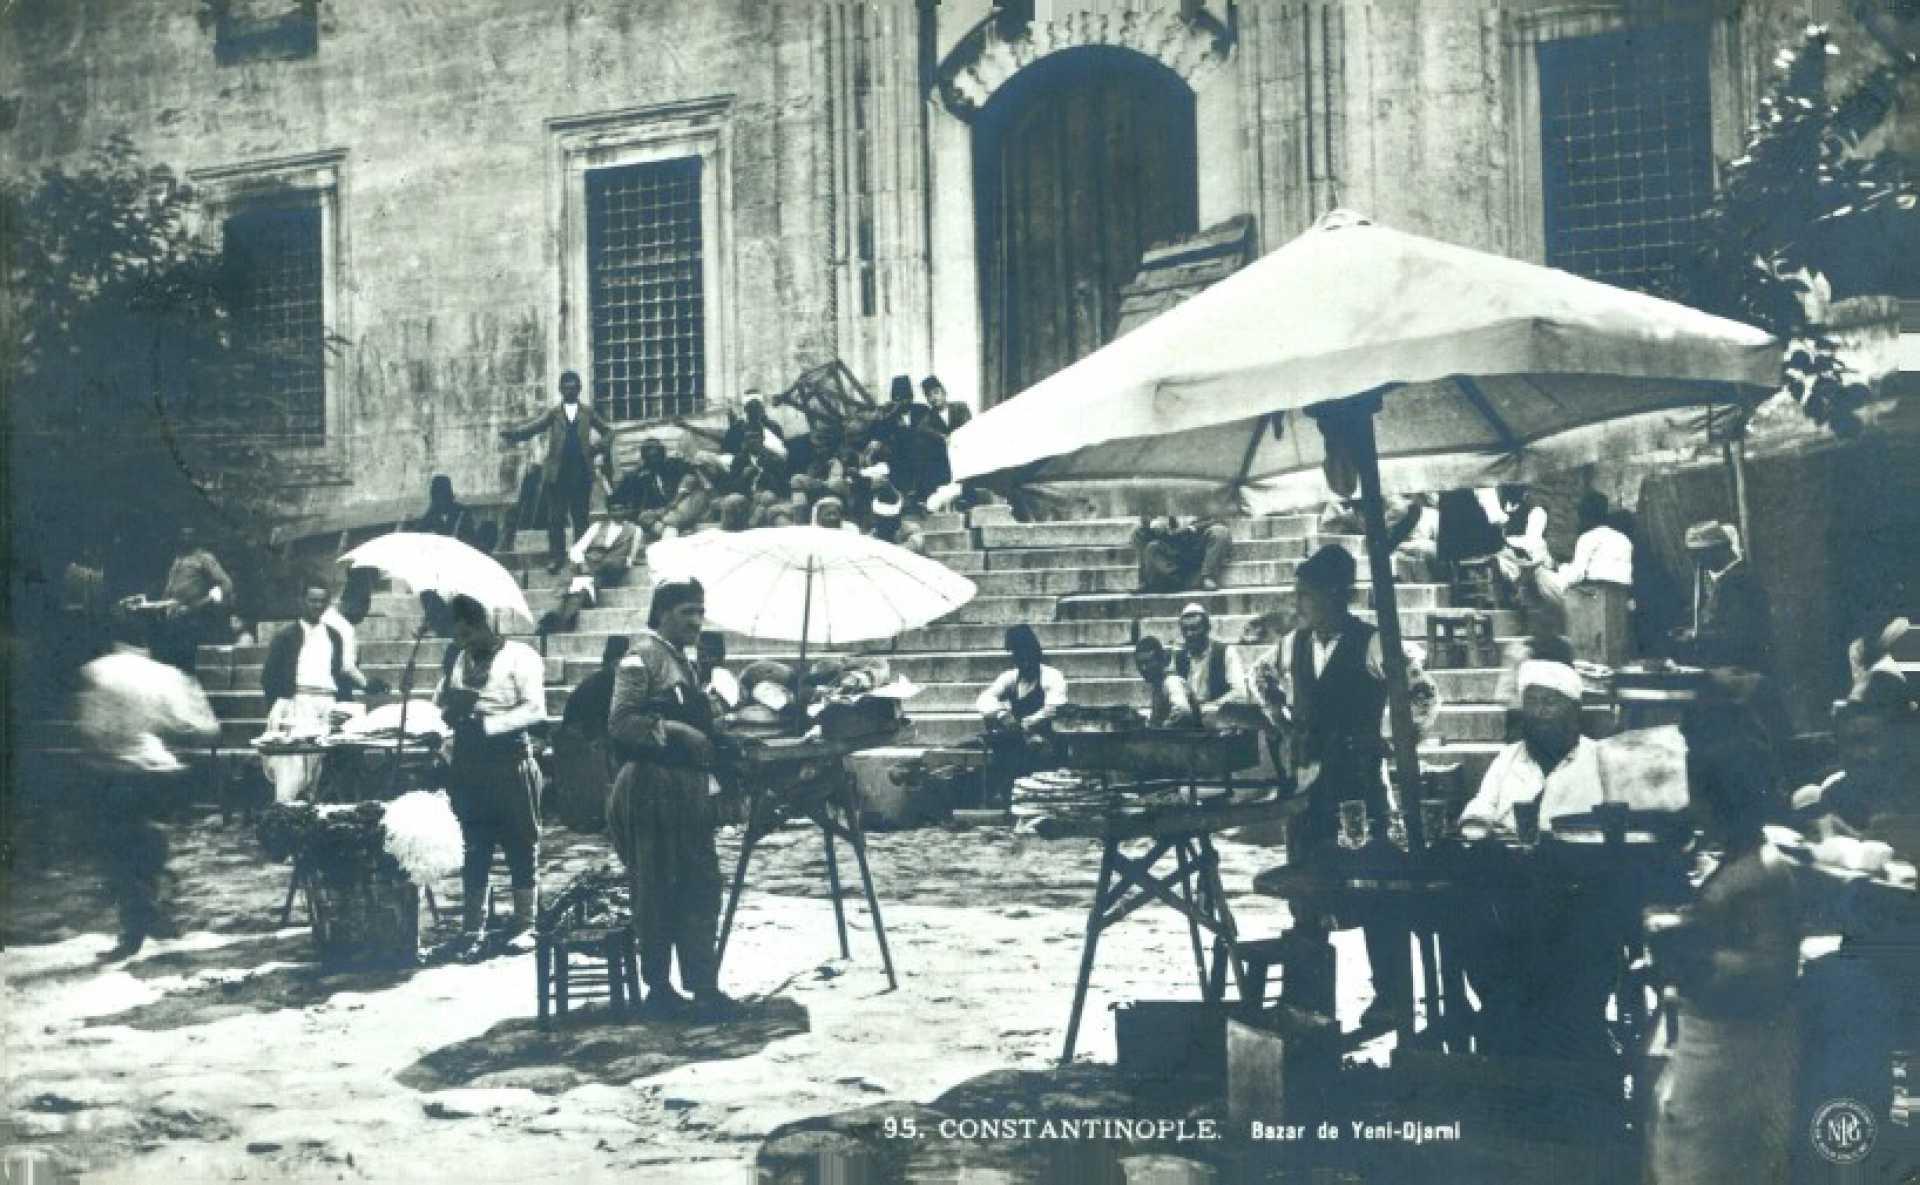 Bazar de Yeni-Djami